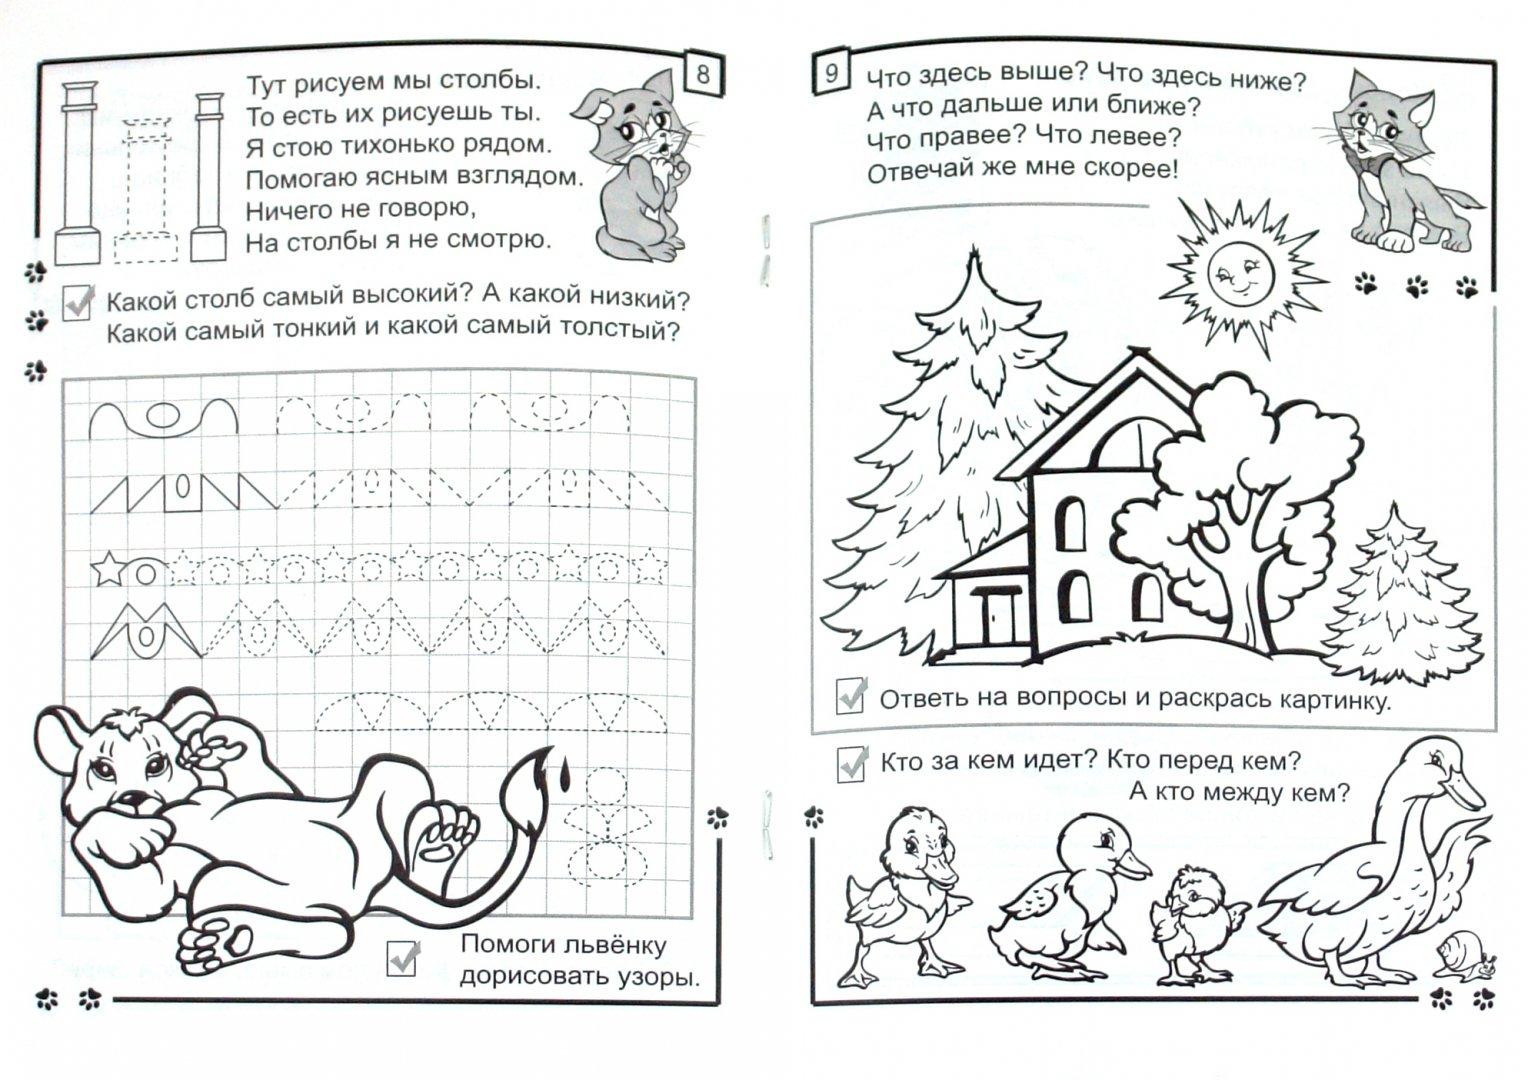 Иллюстрация 1 из 8 для Прописи. Учимся сравнивать - Полярный, Никольская | Лабиринт - книги. Источник: Лабиринт